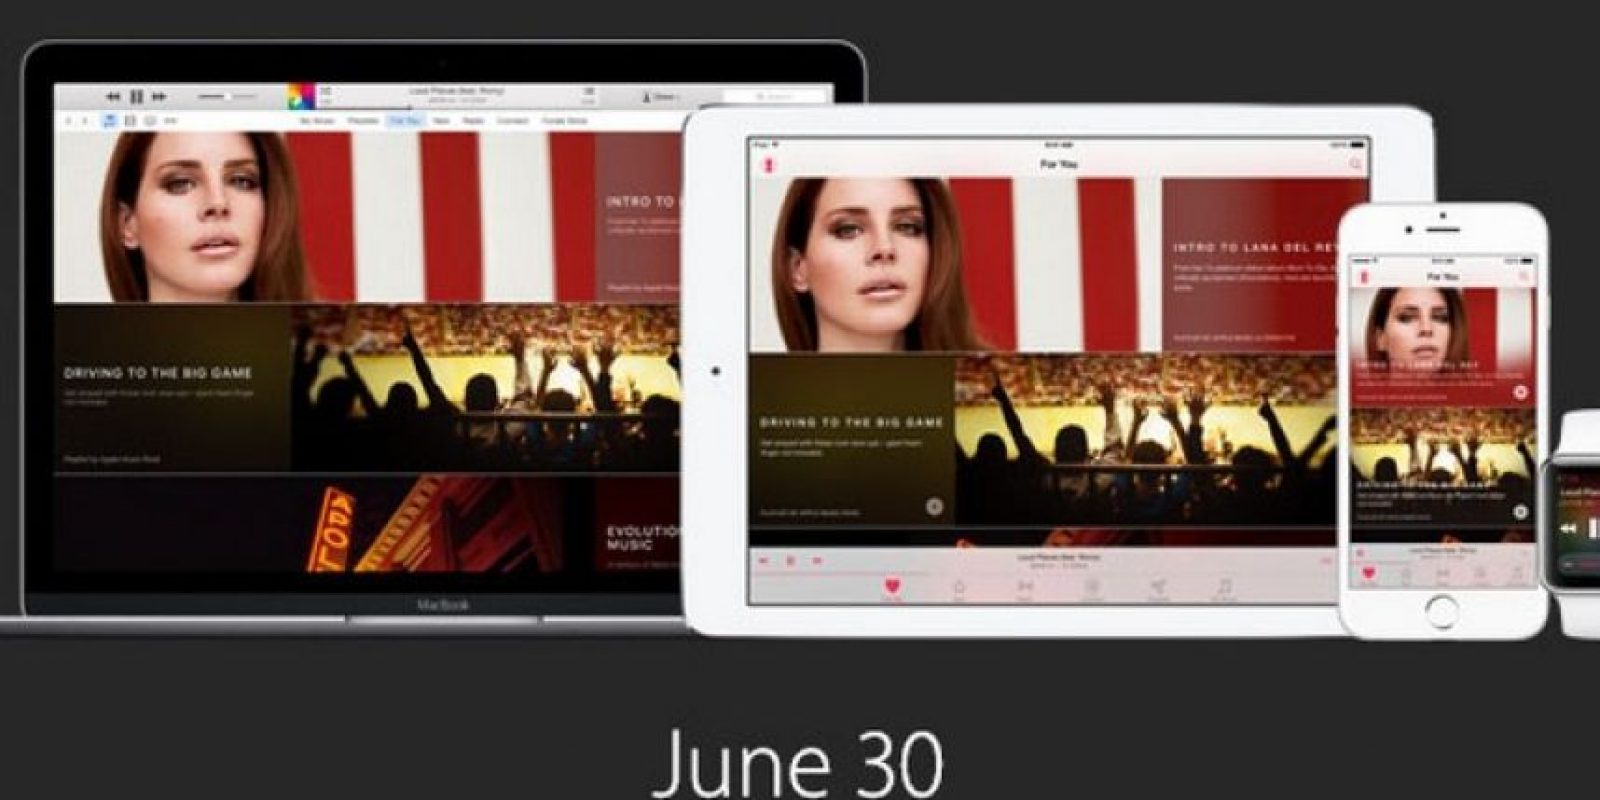 Comenzará a funcionar el 30 de junio con iOS 8.4 Foto:Apple